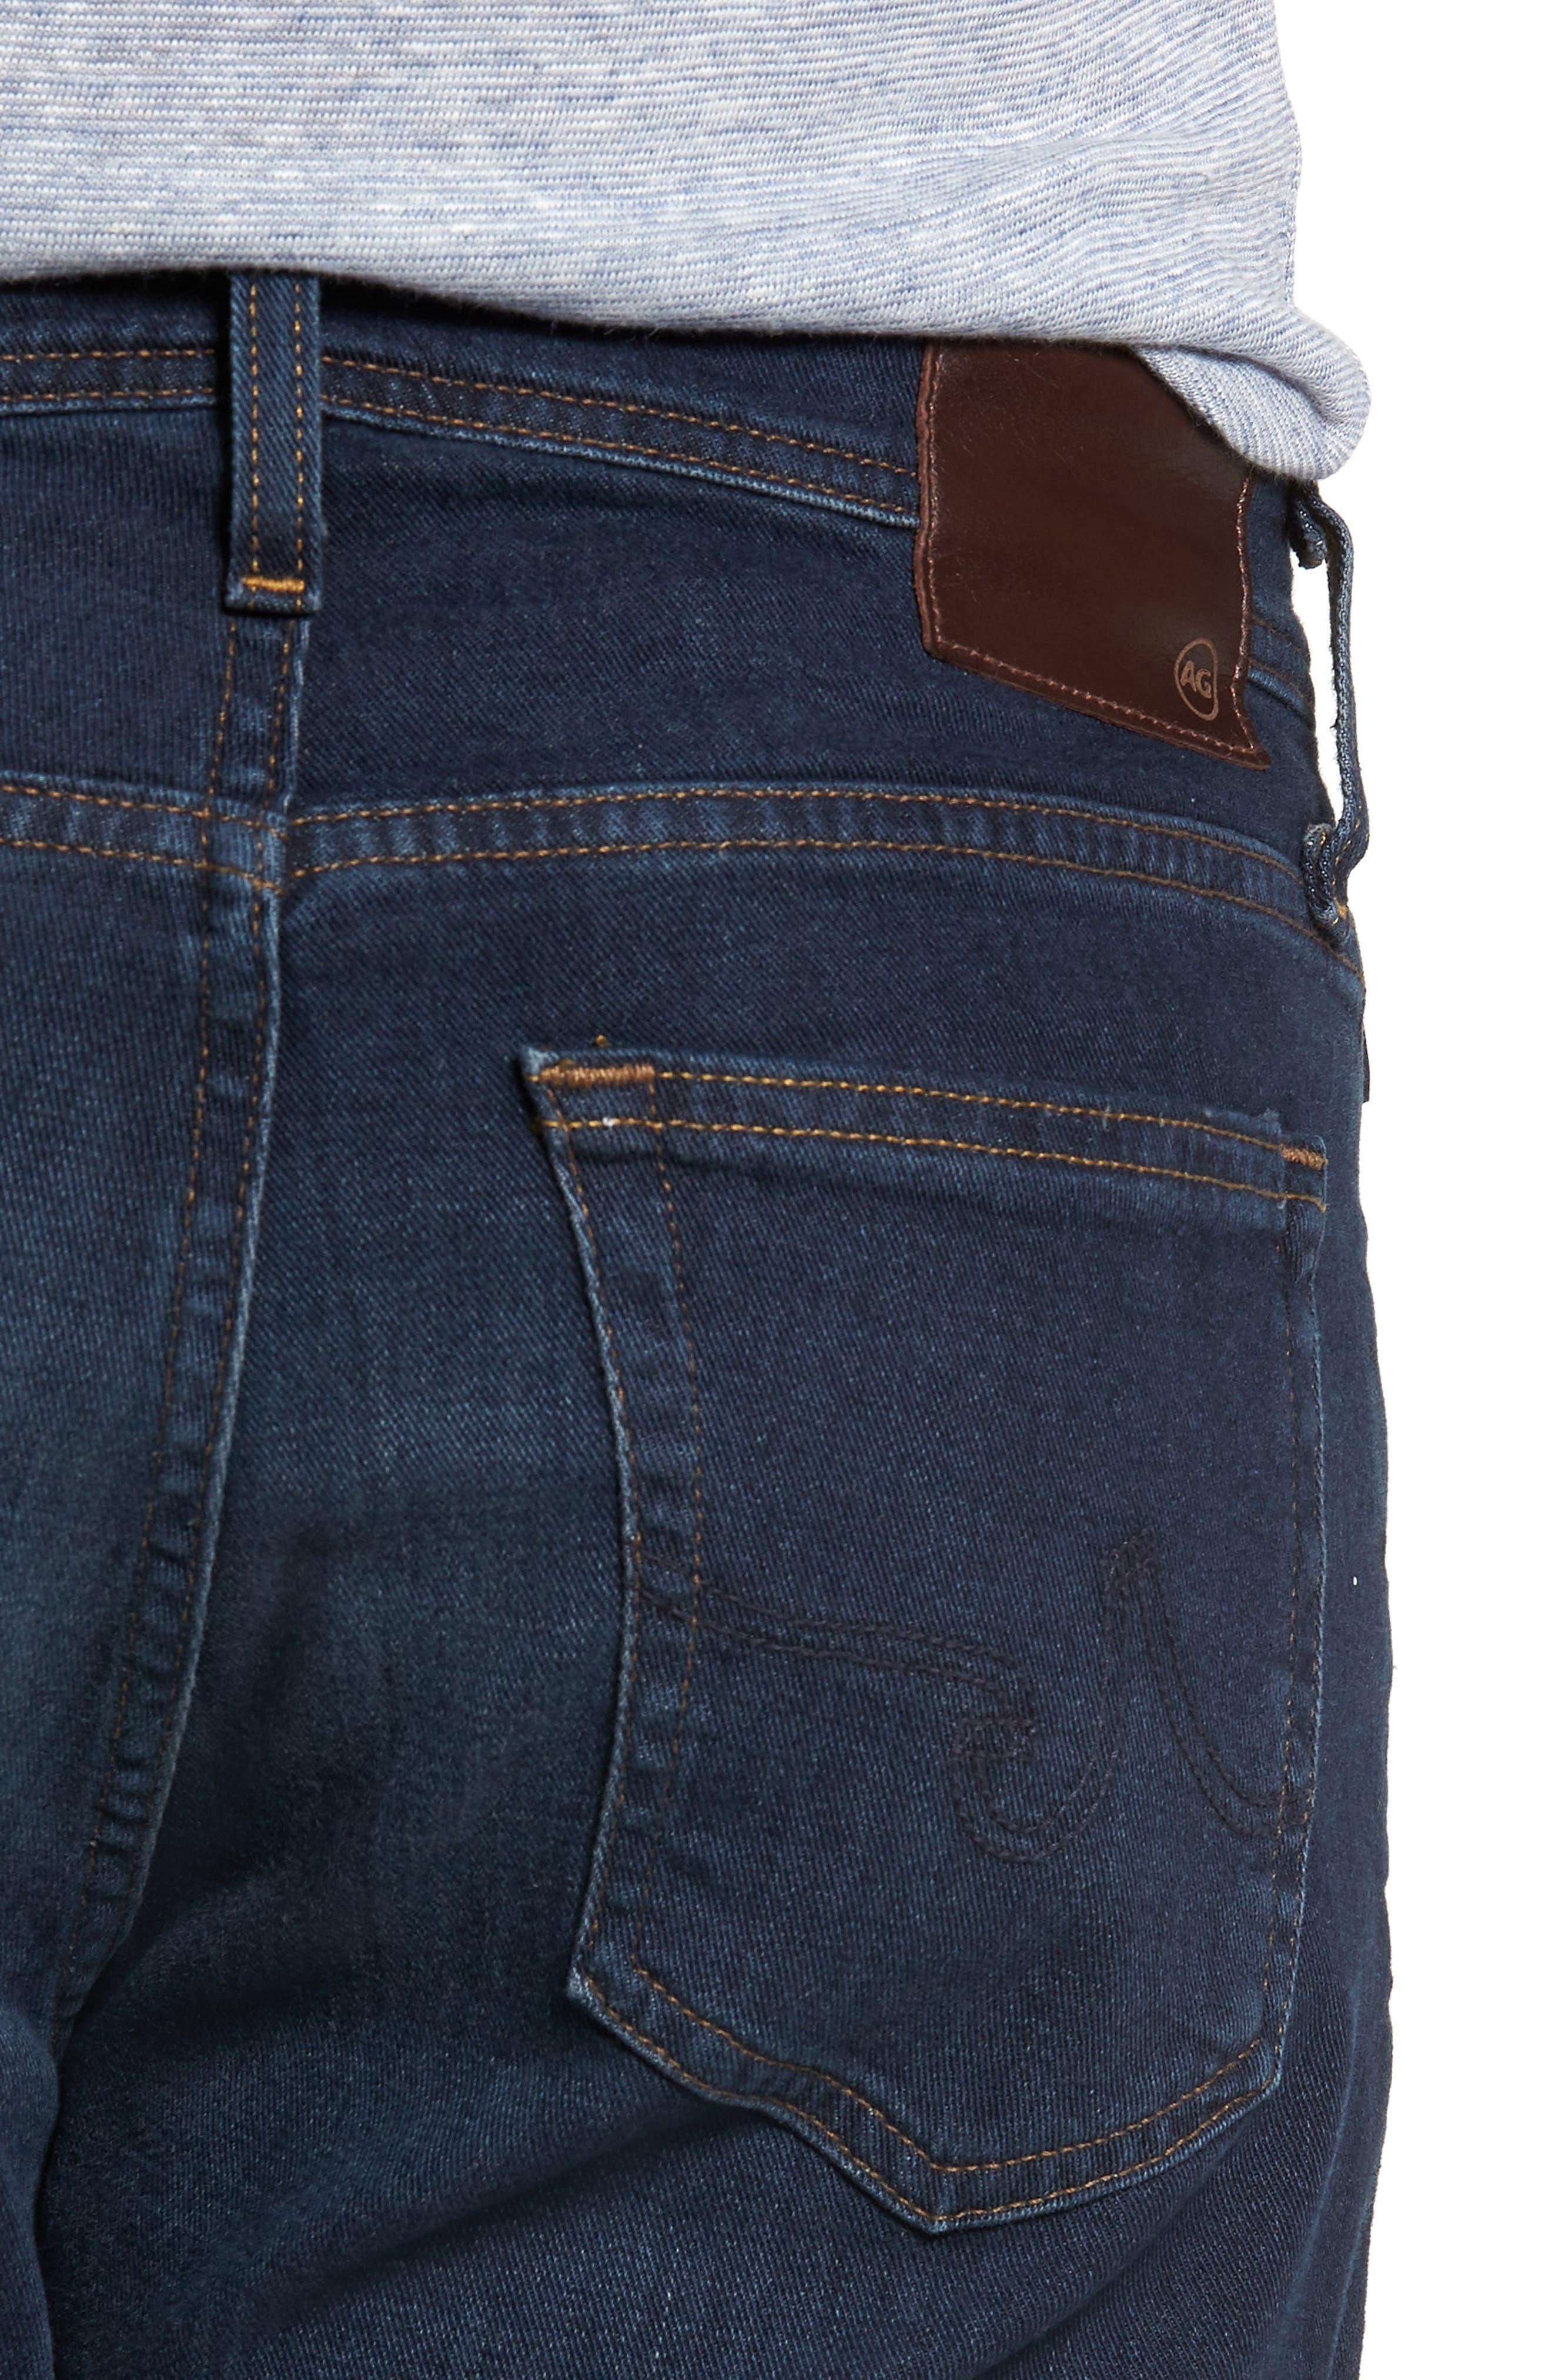 Ives Straight Leg Jeans,                             Alternate thumbnail 4, color,                             COVET